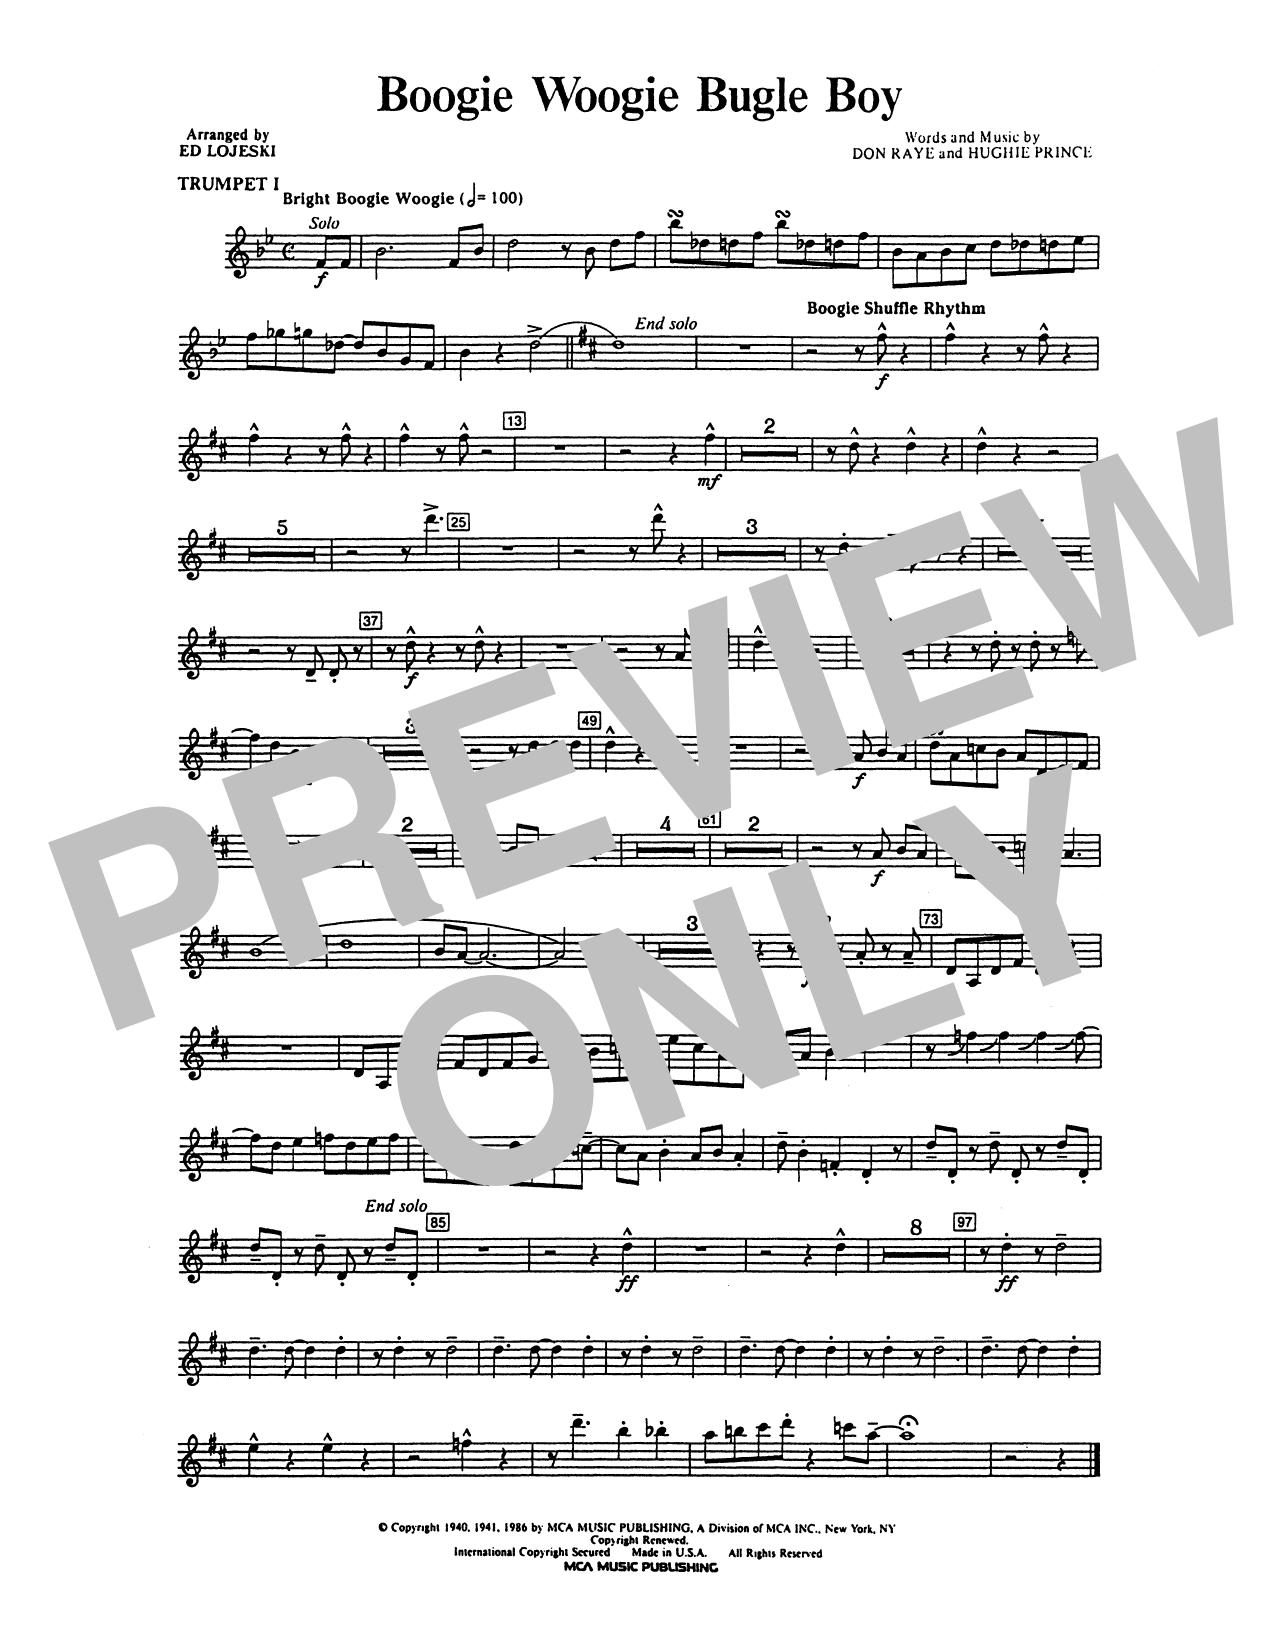 Andrews Sisters - Boogie Woogie Bugle Boy - Bb Trumpet 1